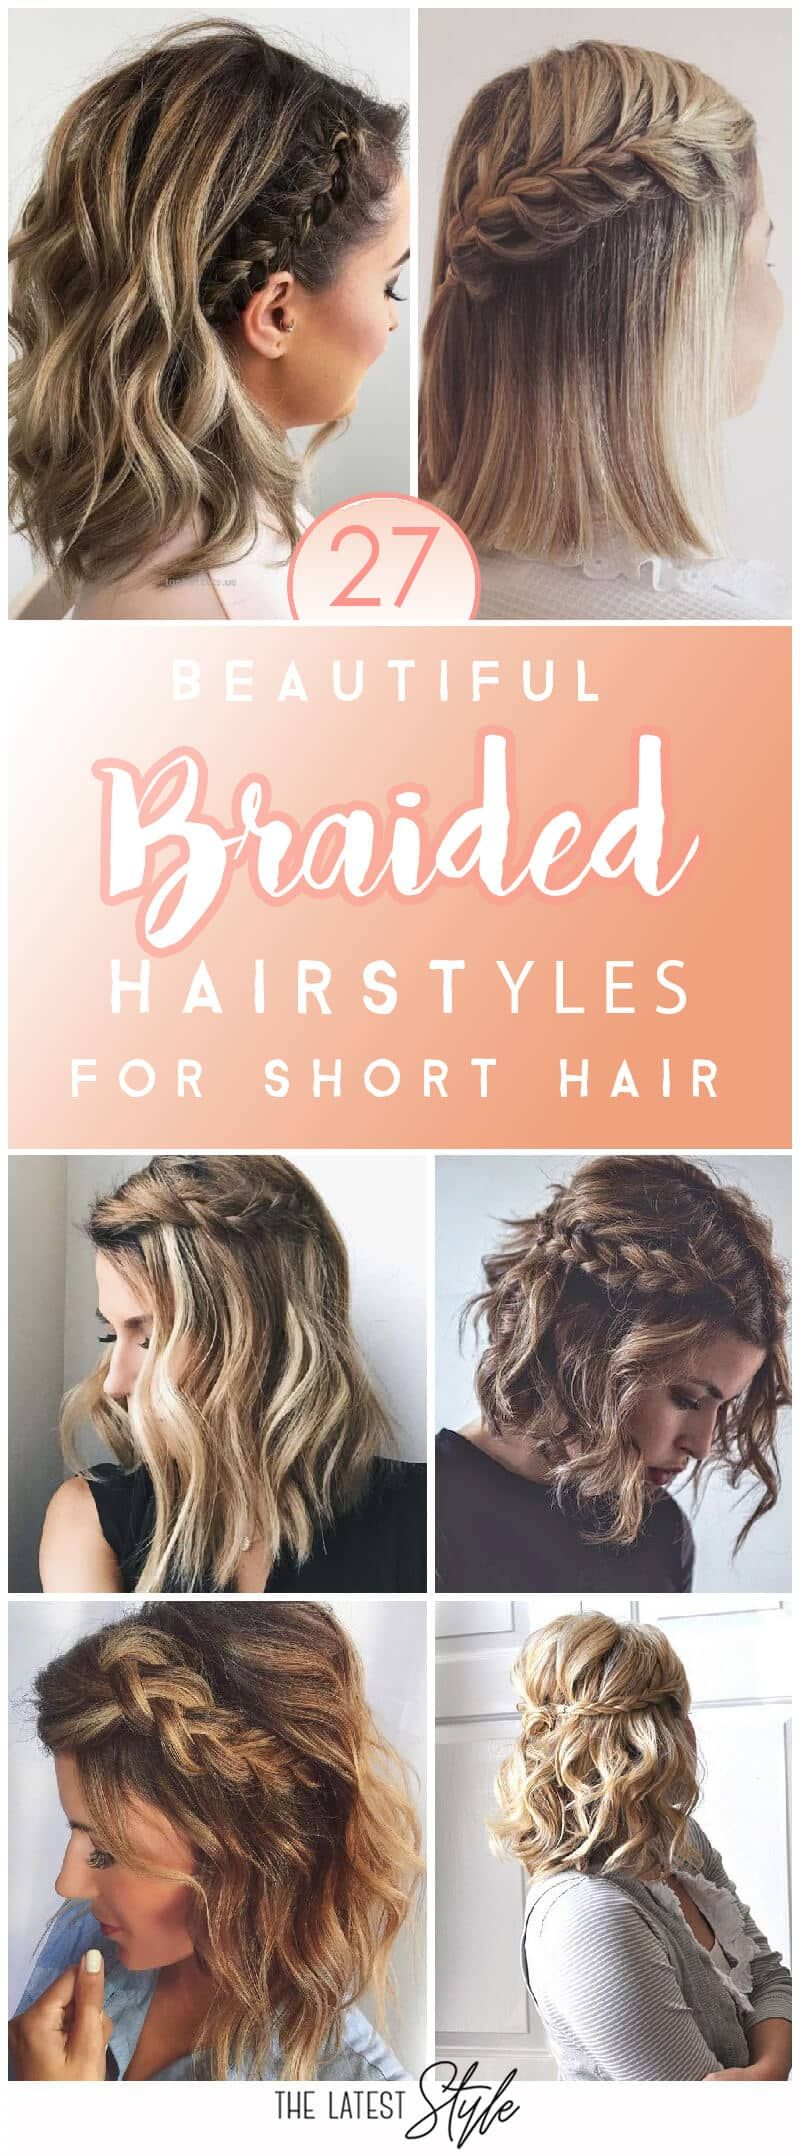 27 Schone Und Frische Braid Frisur Ideen Fur Kurze Haare Beliebt